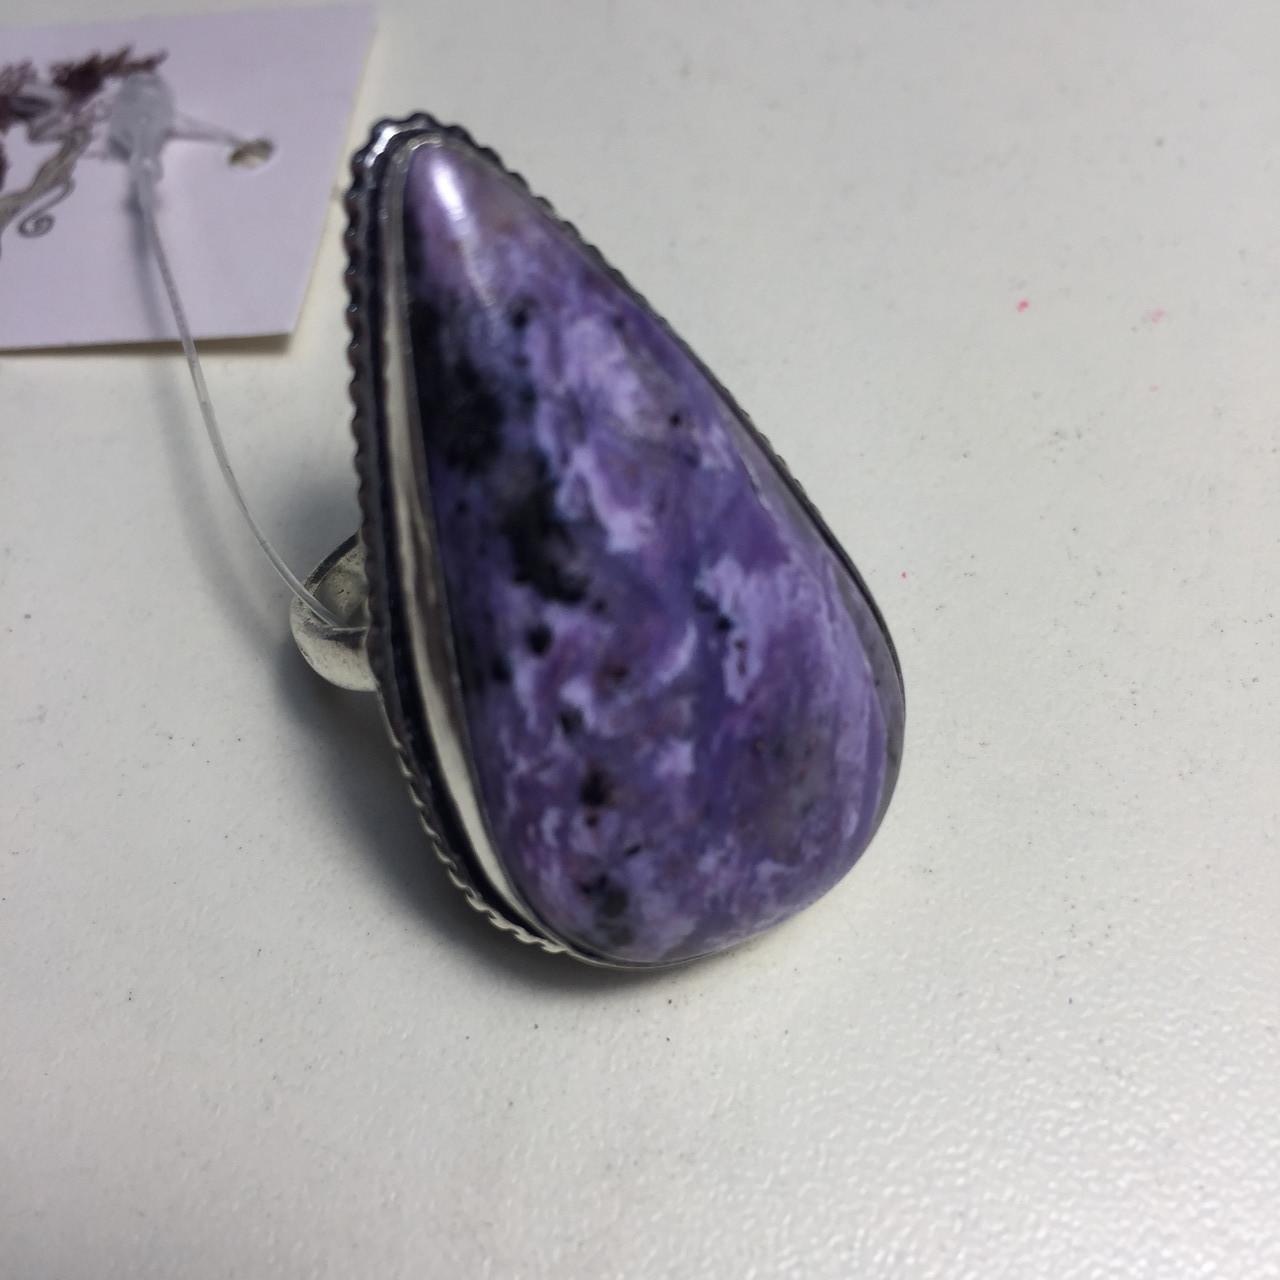 Чароит кольцо с чароитом 17,5. Кольцо с камнем чароит Индия